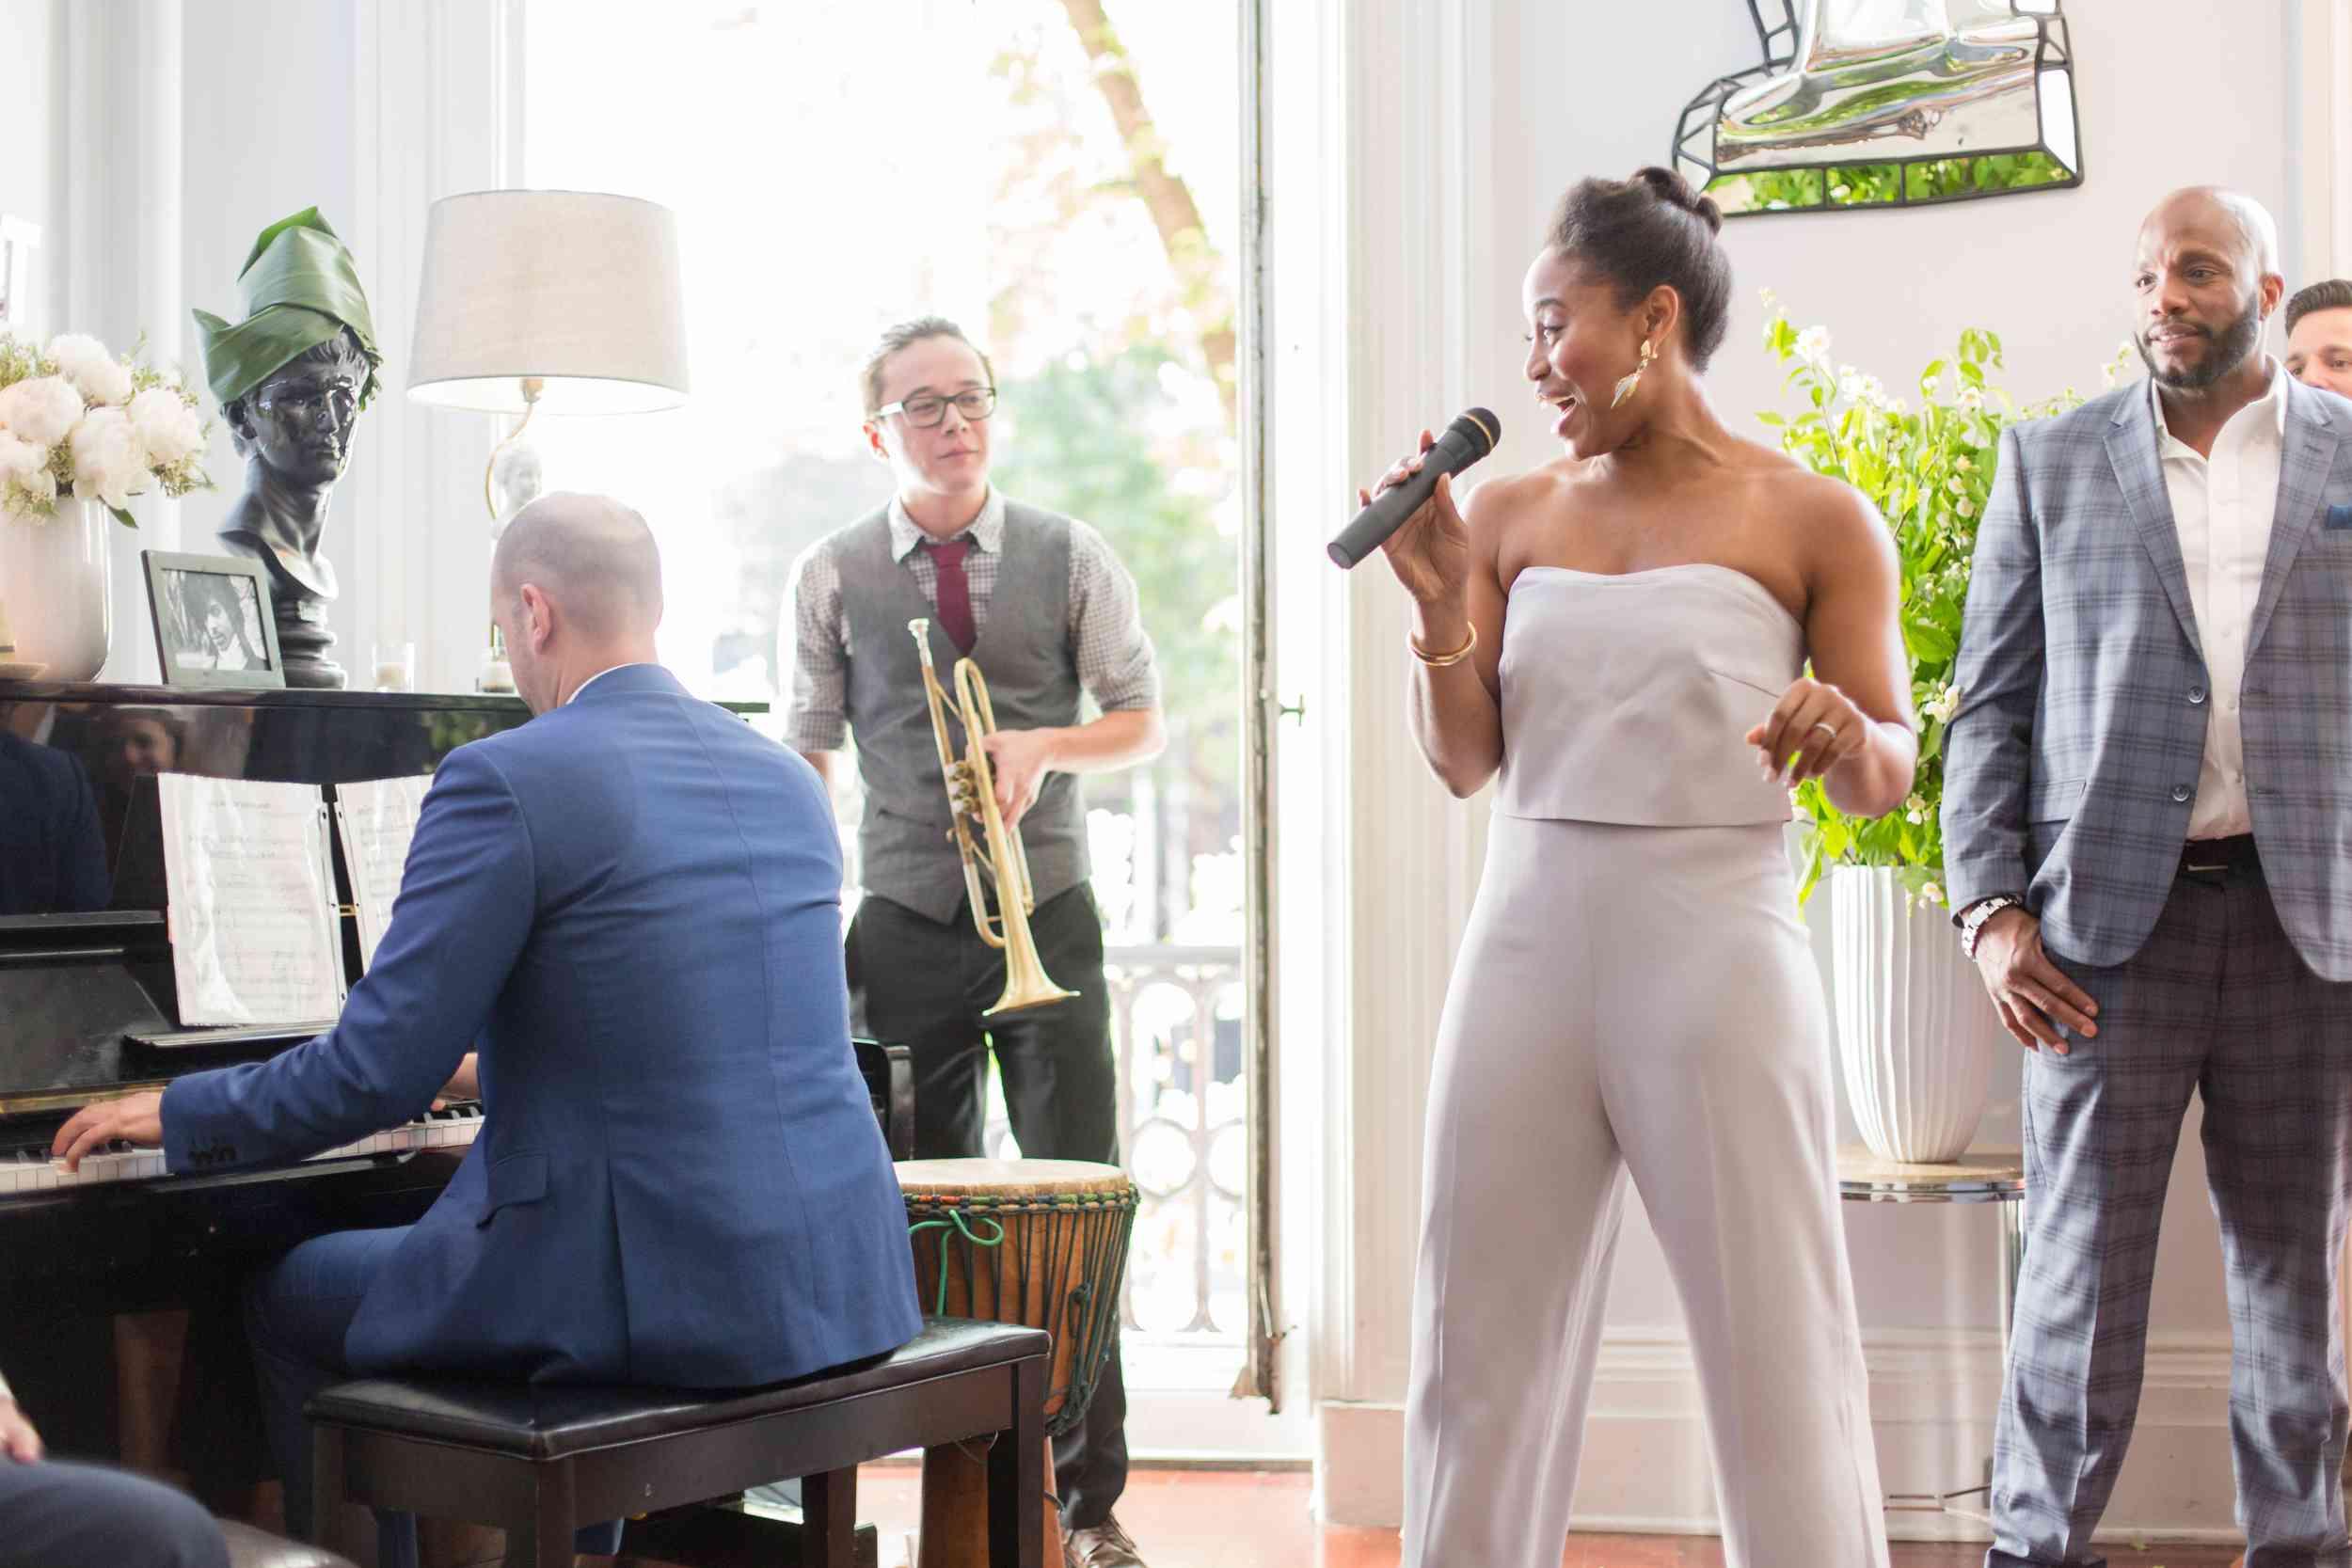 Bride Performing at Reception